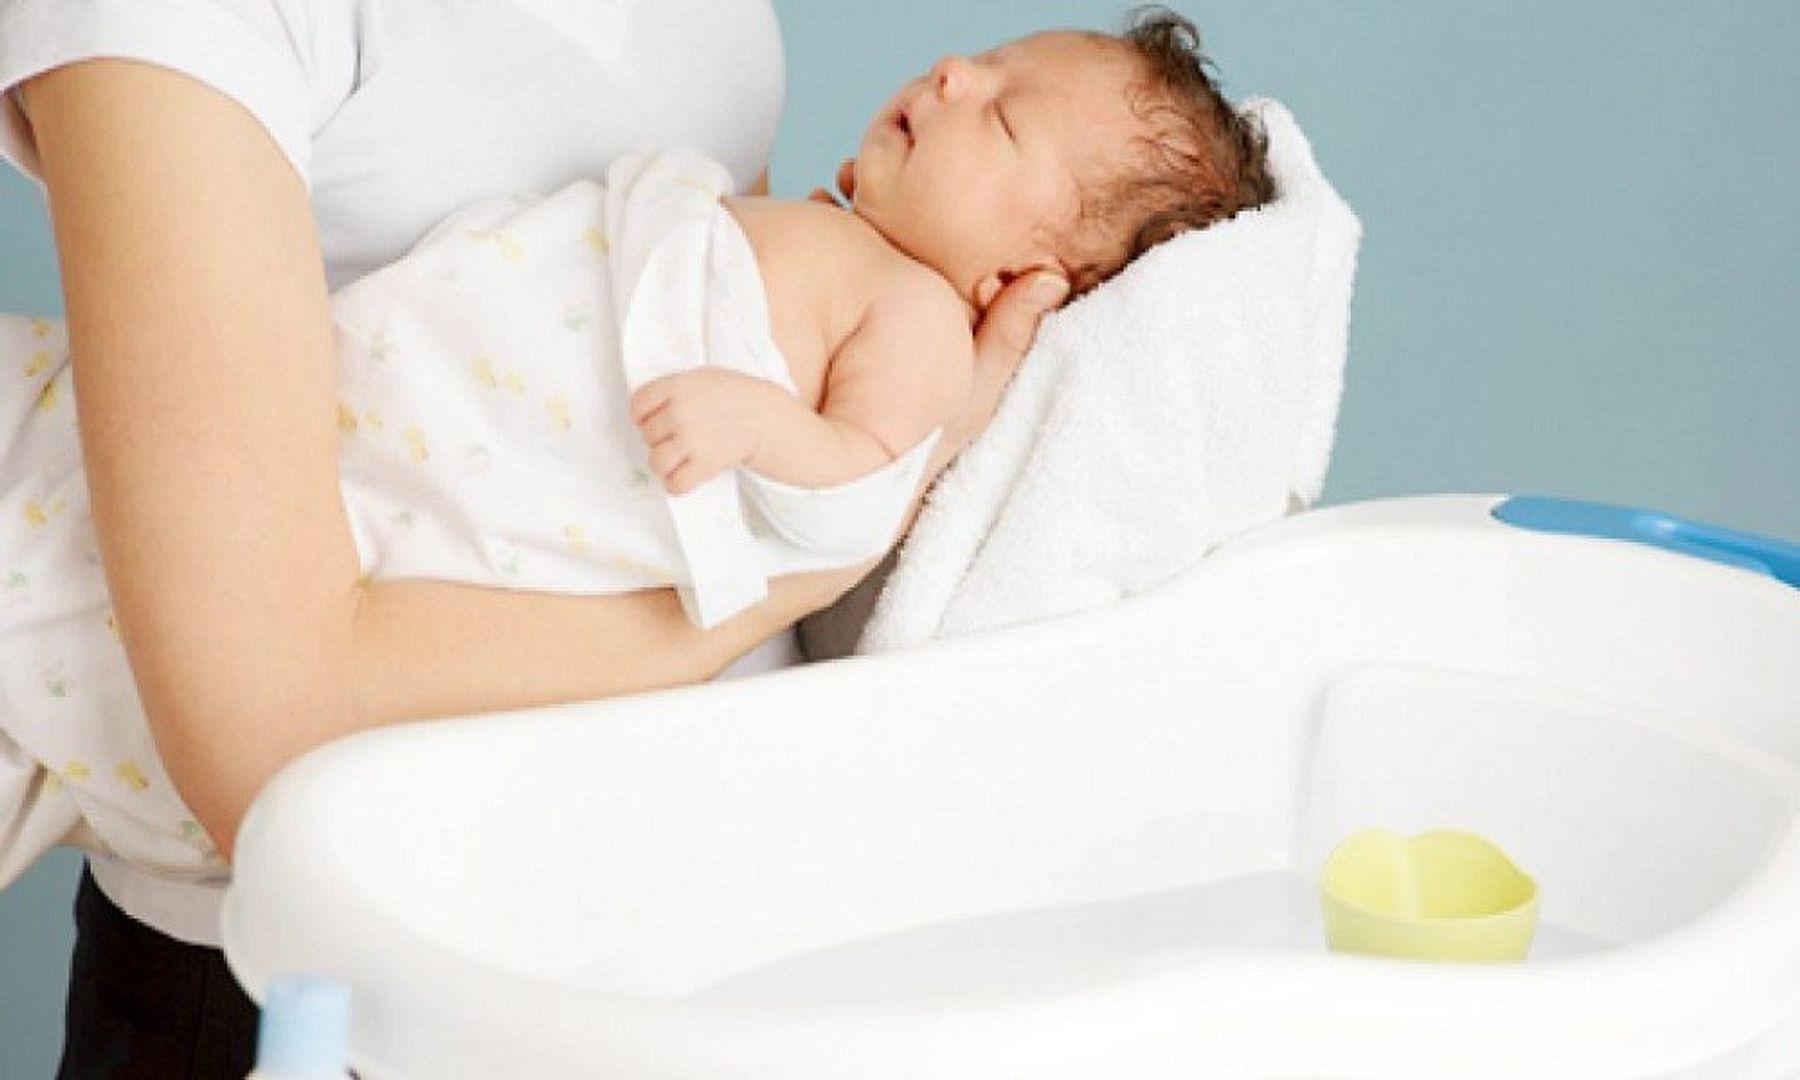 Step 4: Dùng khăn lau cho trẻ sơ sinh